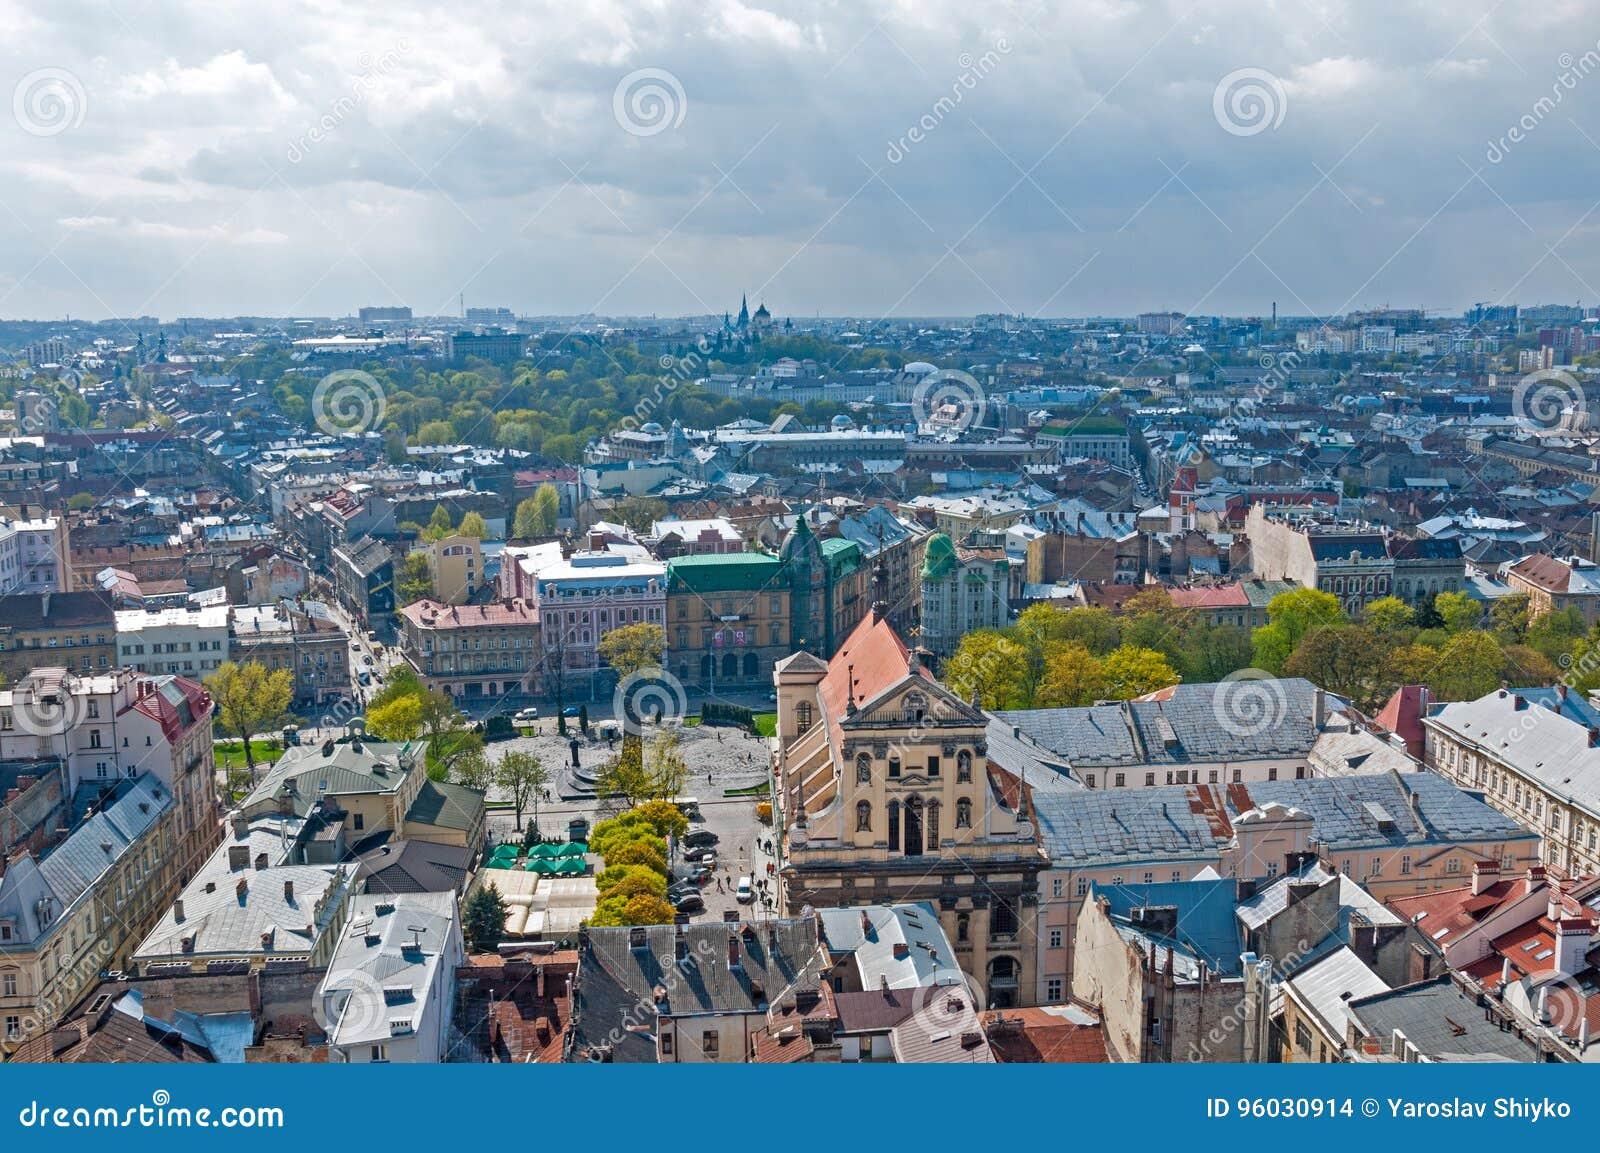 Widok obszar zamieszkały z domami i ulicami od above